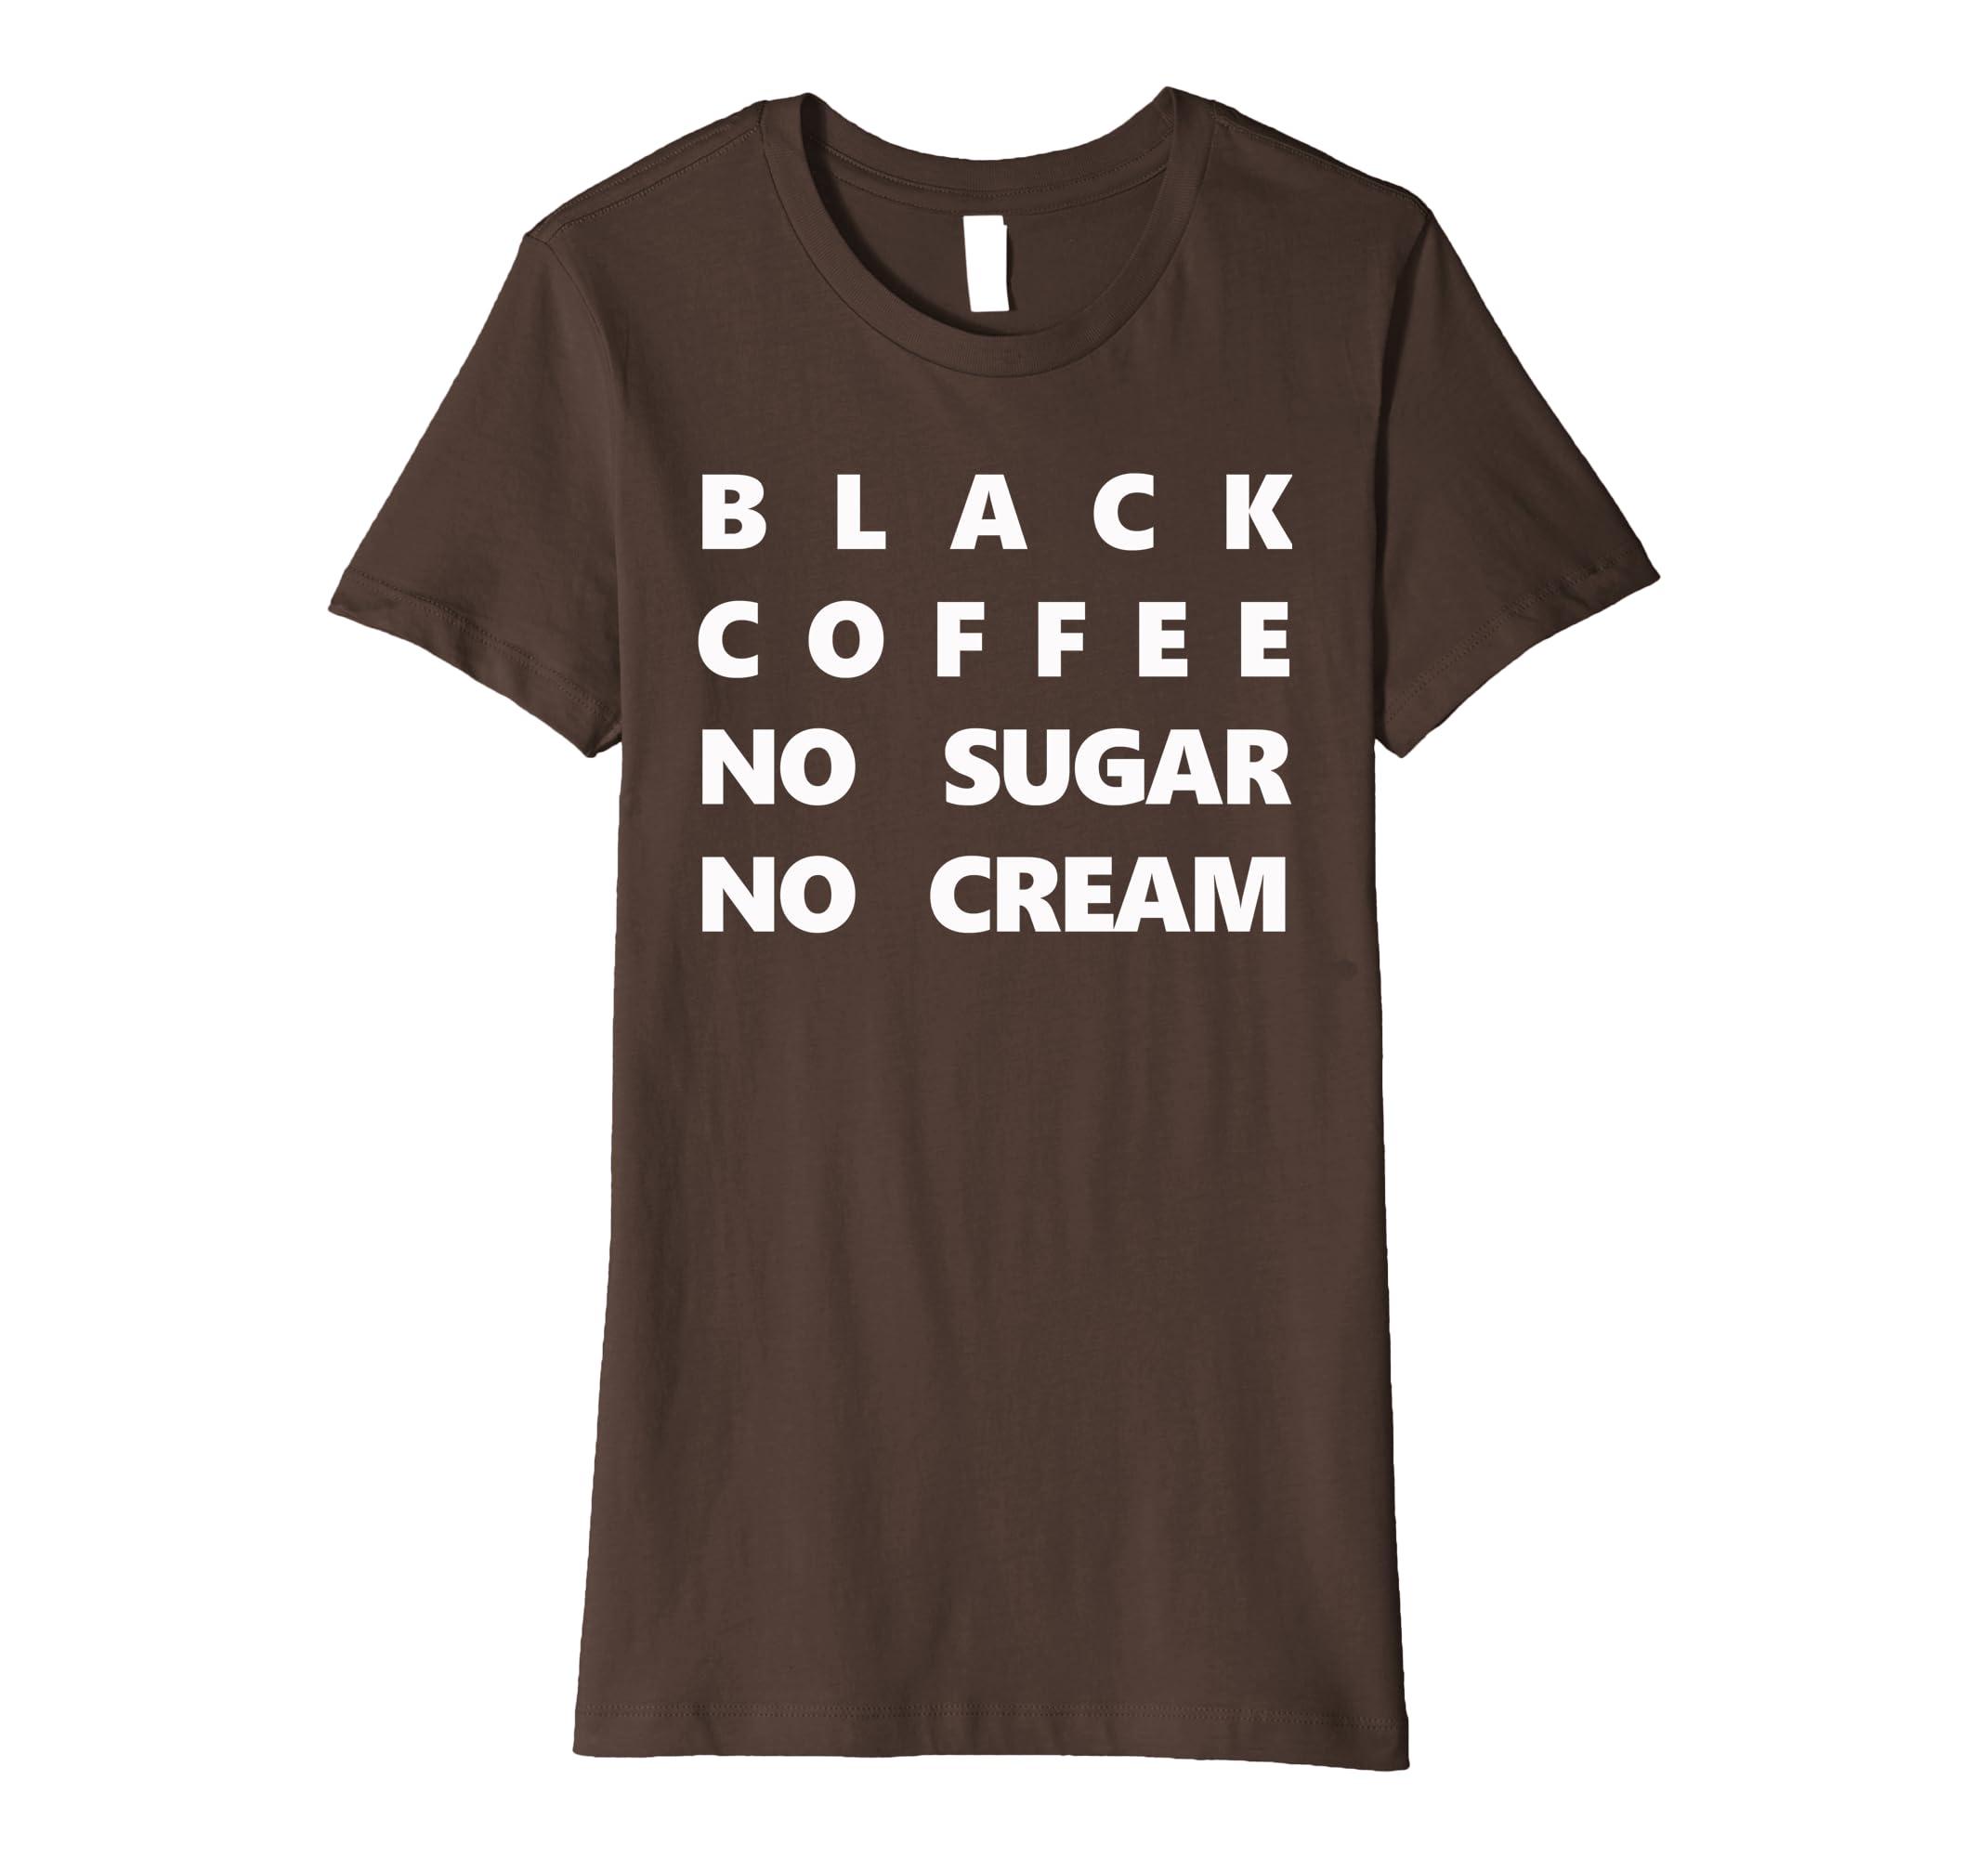 1ff12ca2a Amazon.com: Black Coffee No Sugar No Cream Shirt Love Yourself: Clothing